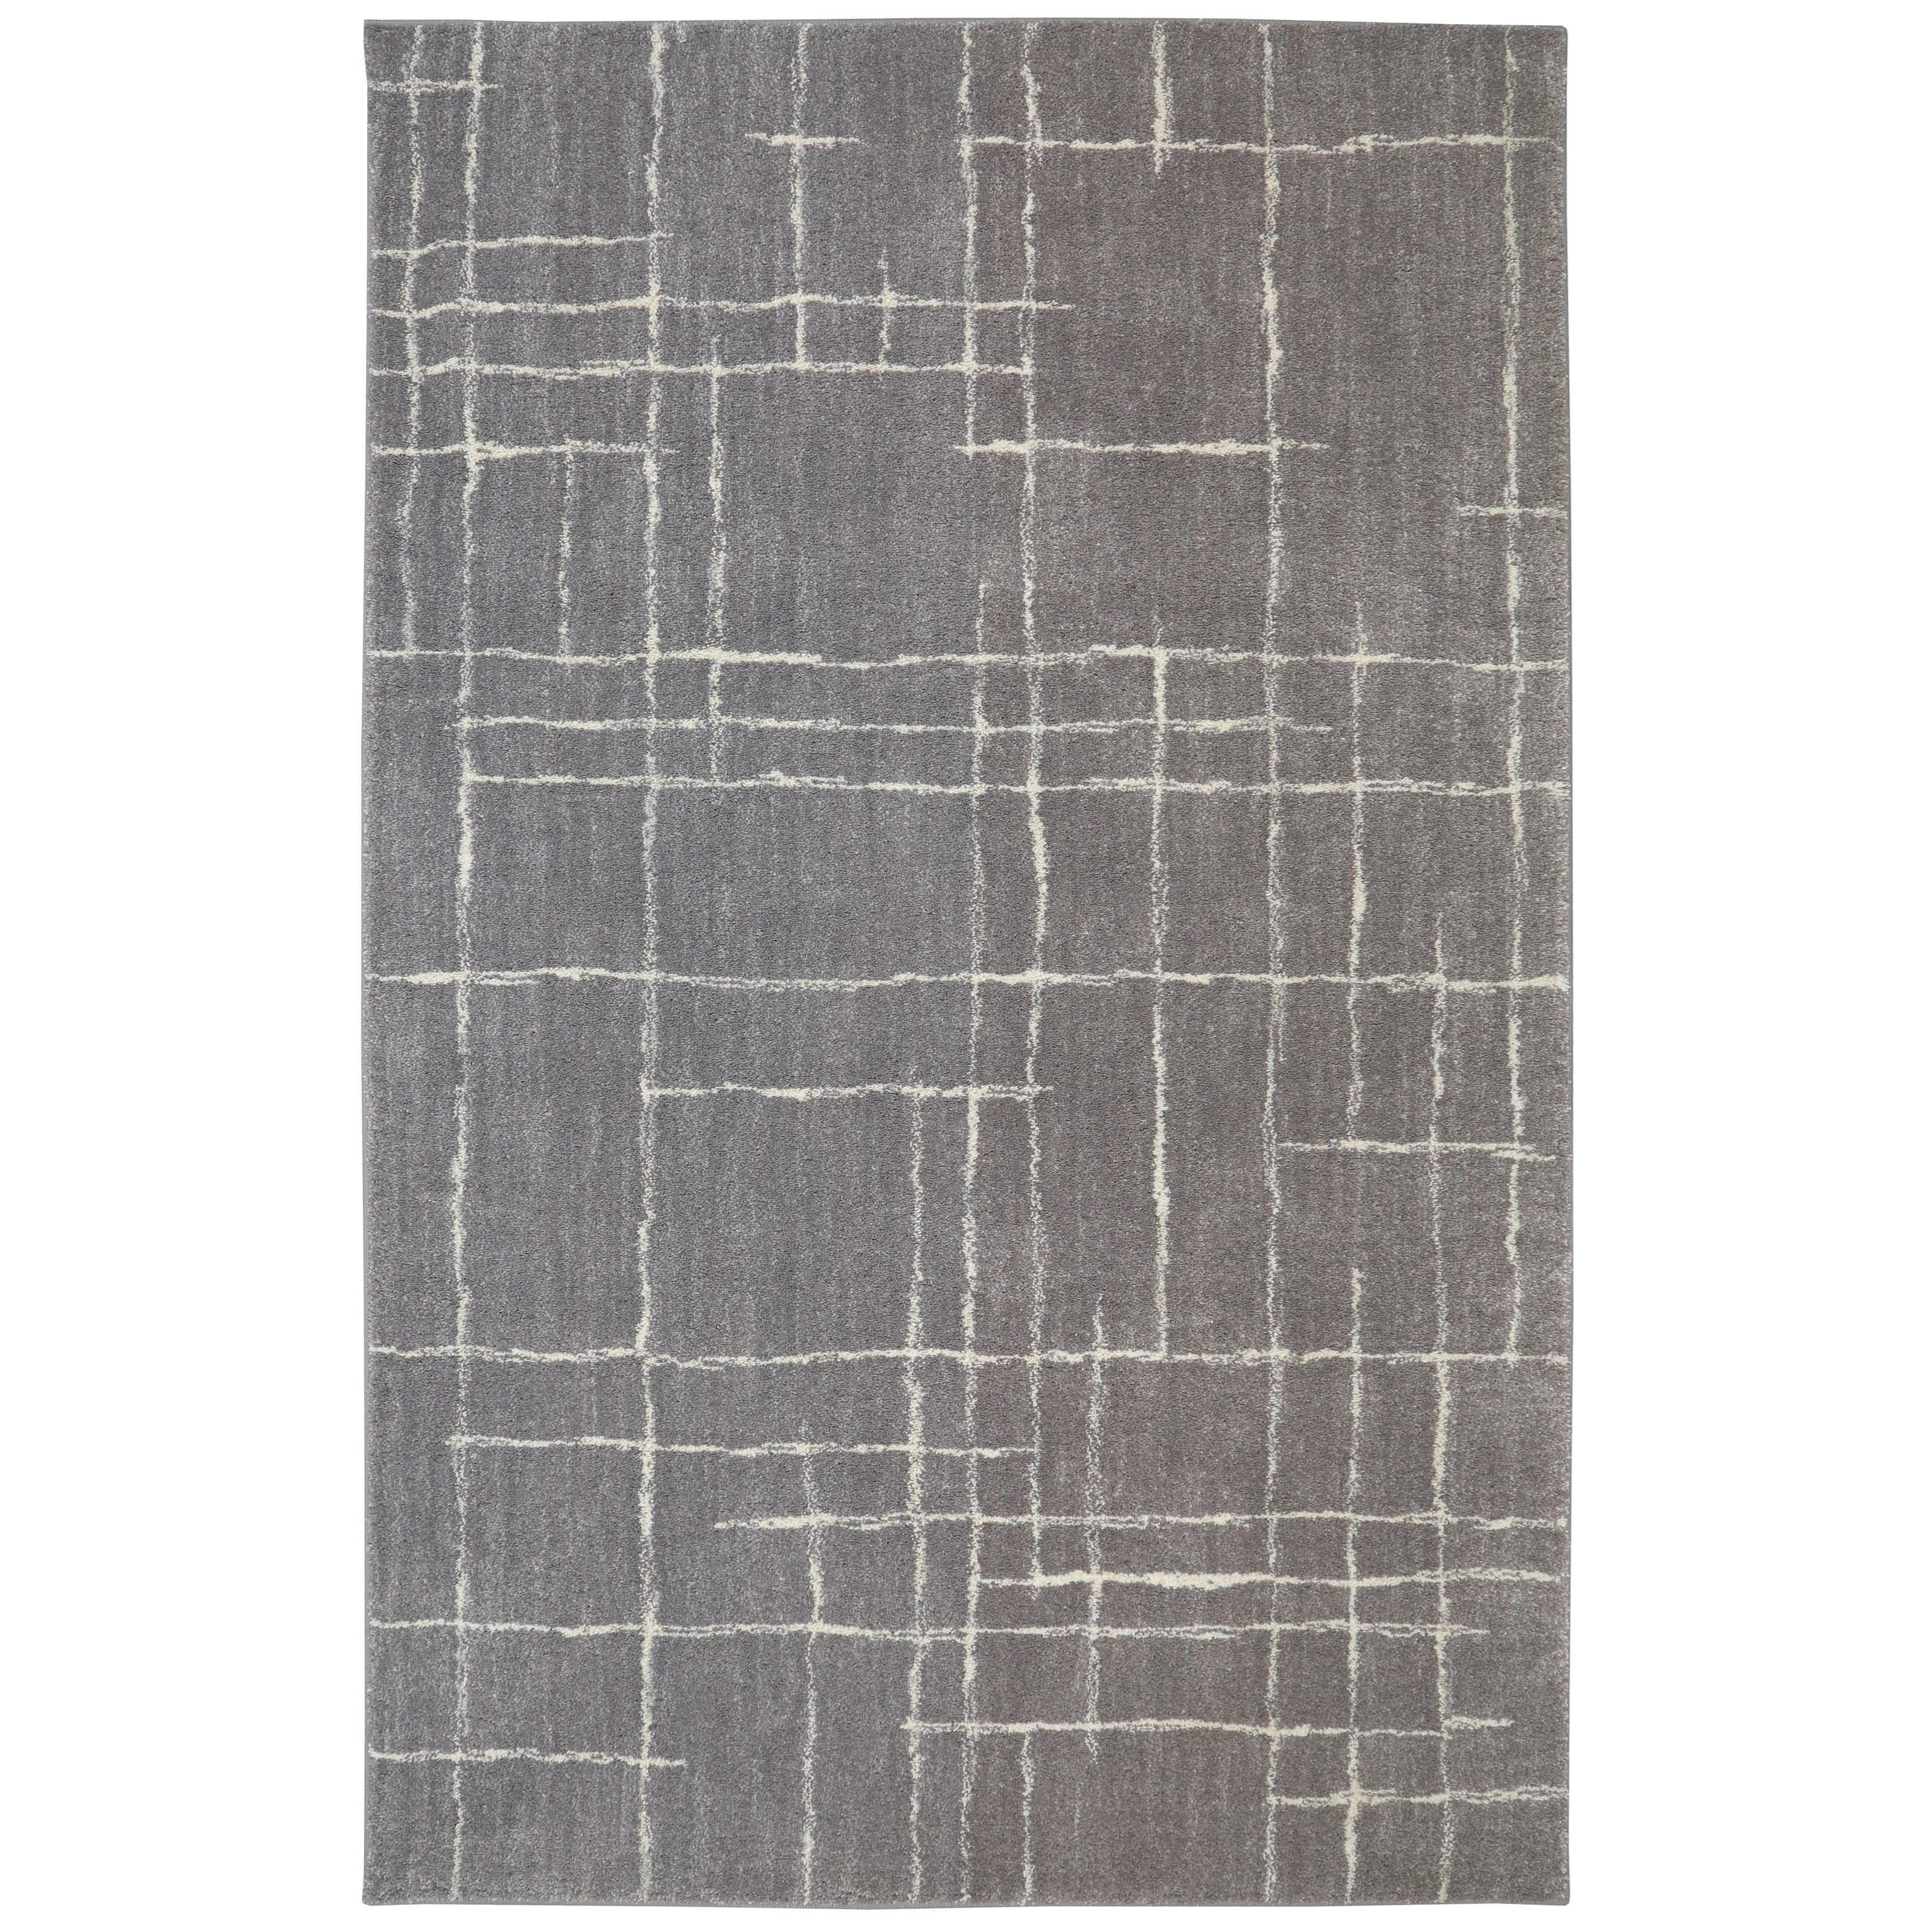 5'x8' Chatham Grey Area Rug